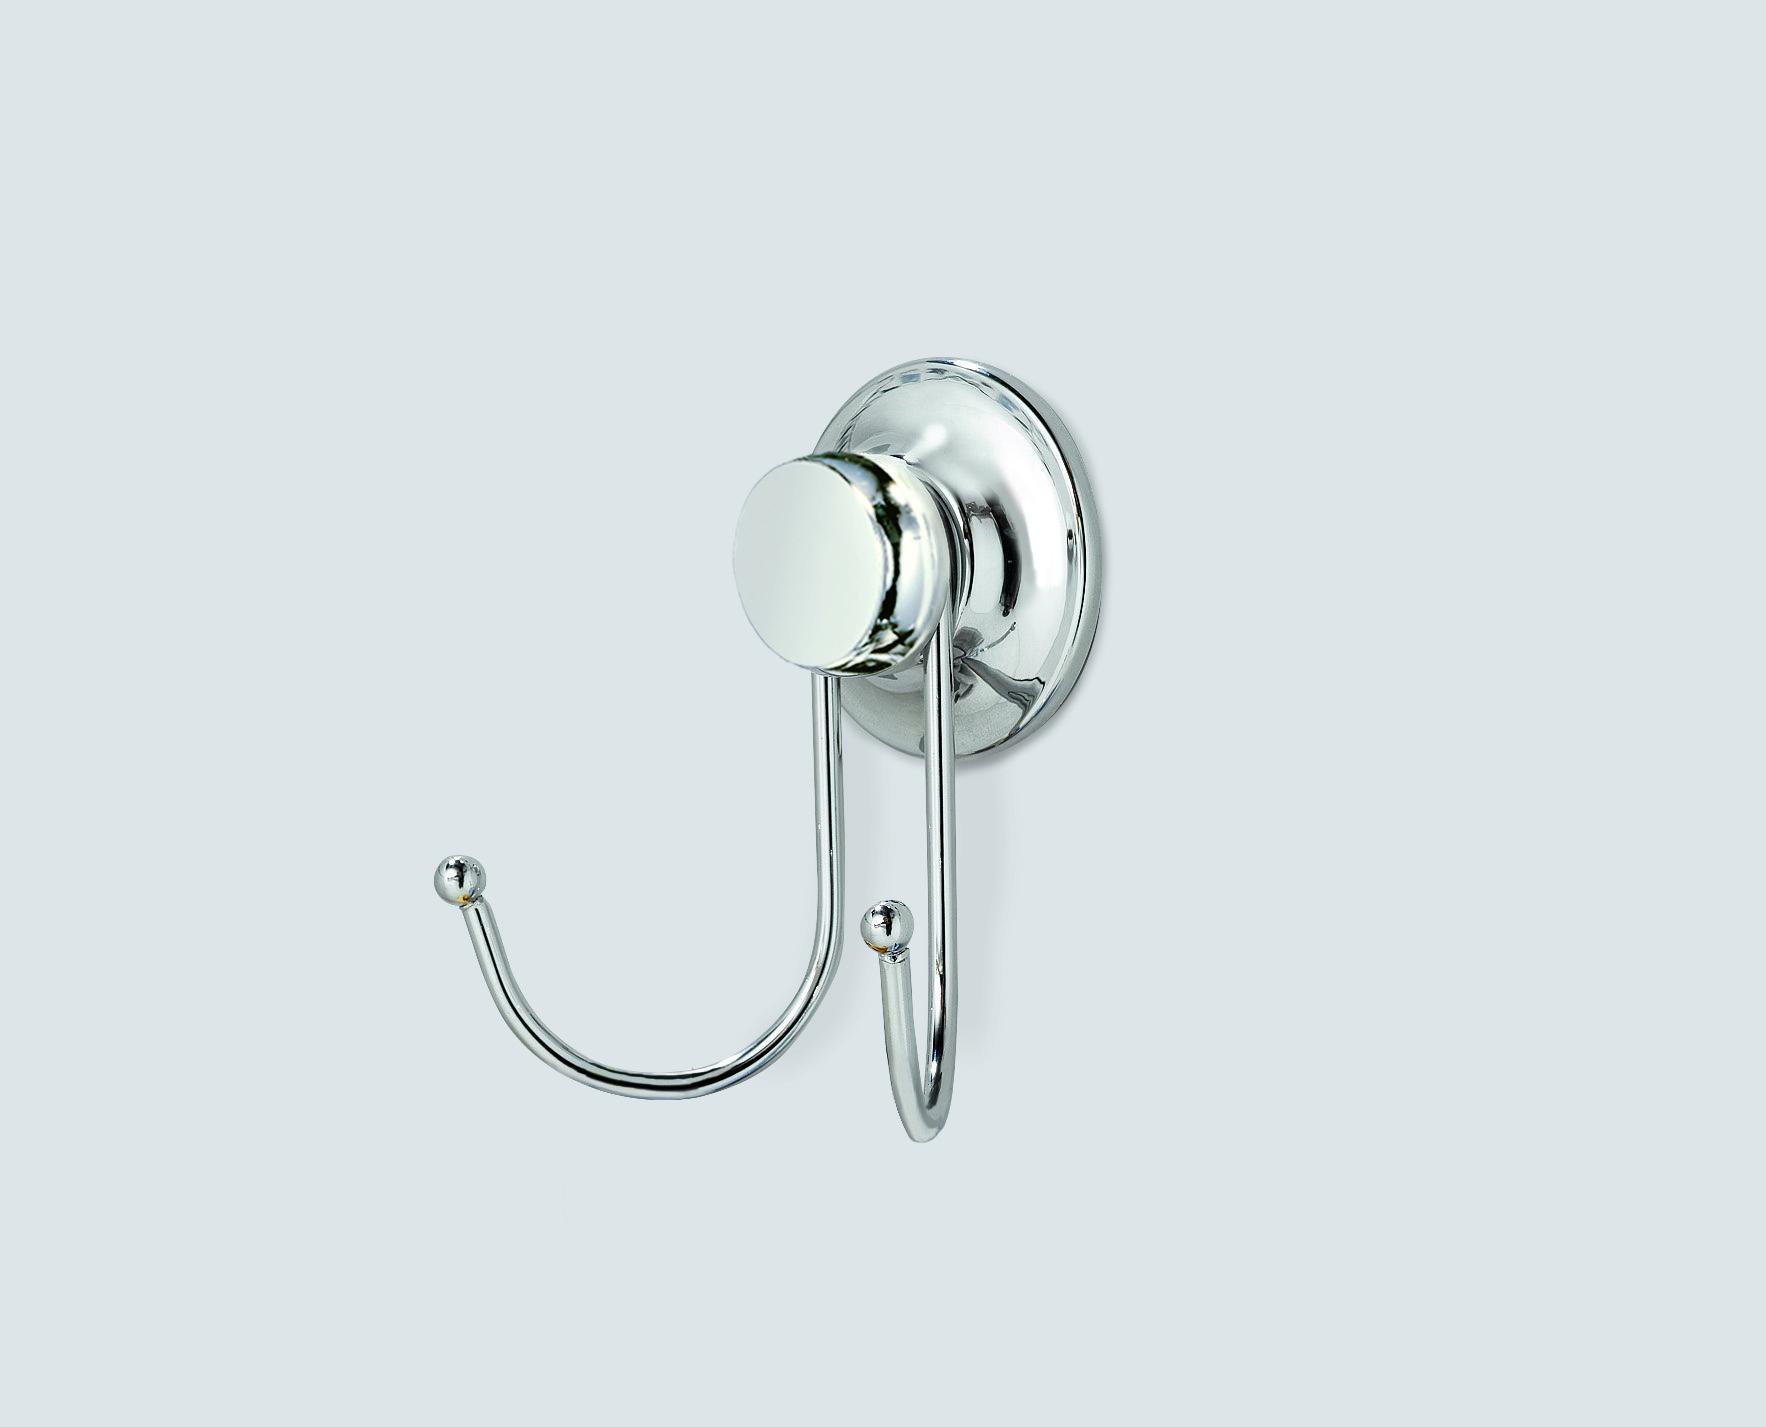 EVERLOC Крючок двойной 9,5х6х9,4H см, хромированная сталь, крепление: вакуумная присоска Ø 53мм, в блистере